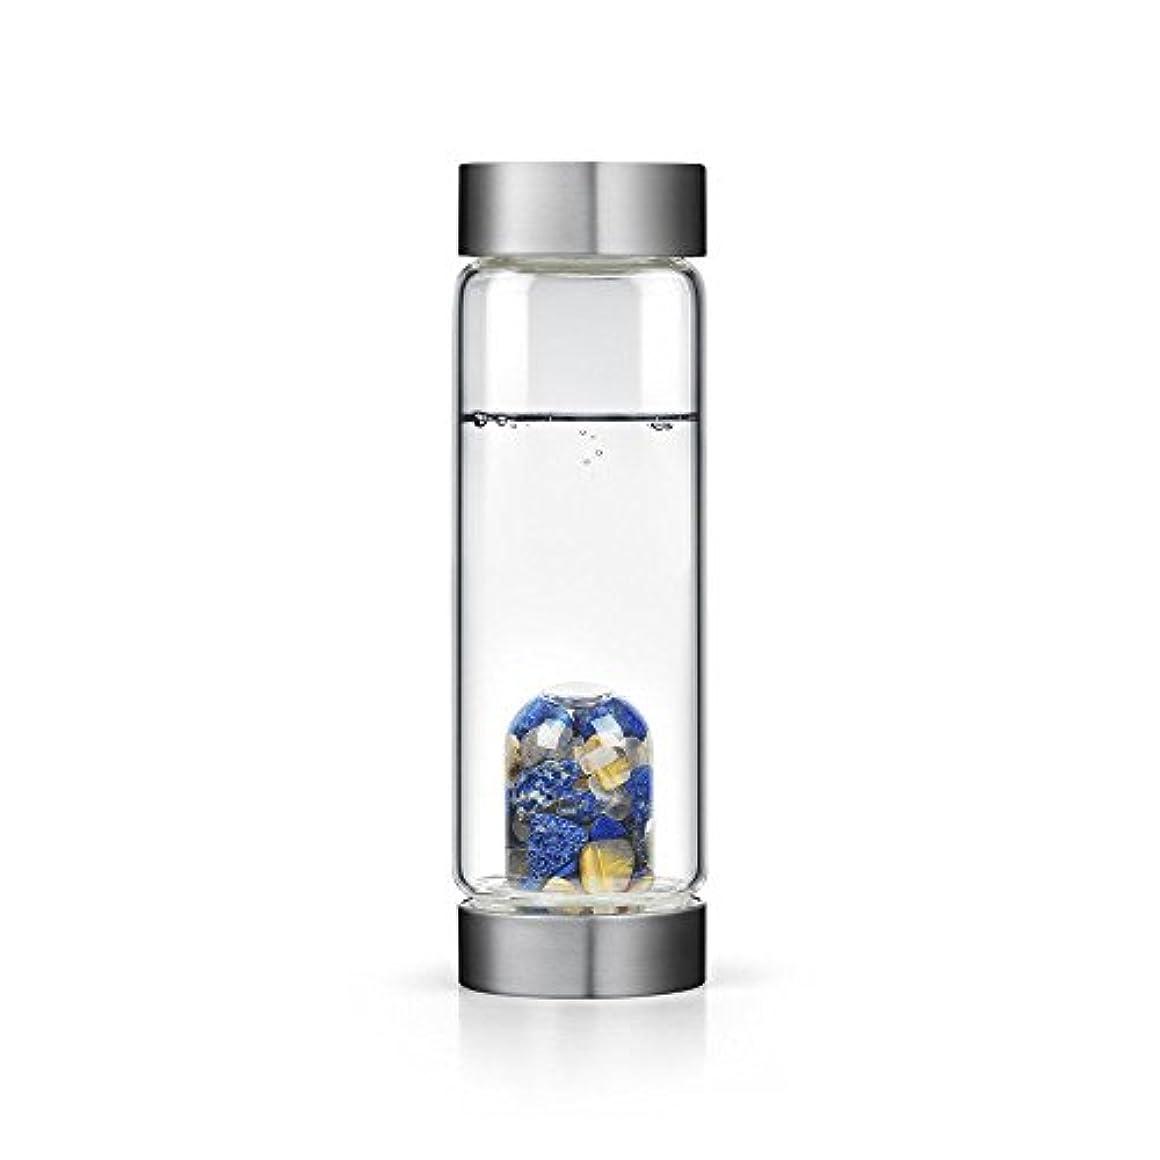 振り返る構成誘導インスピレーションgem-waterボトルby VitaJuwel W / Freeカリフォルニアホワイトセージバンドル 16.9 fl oz